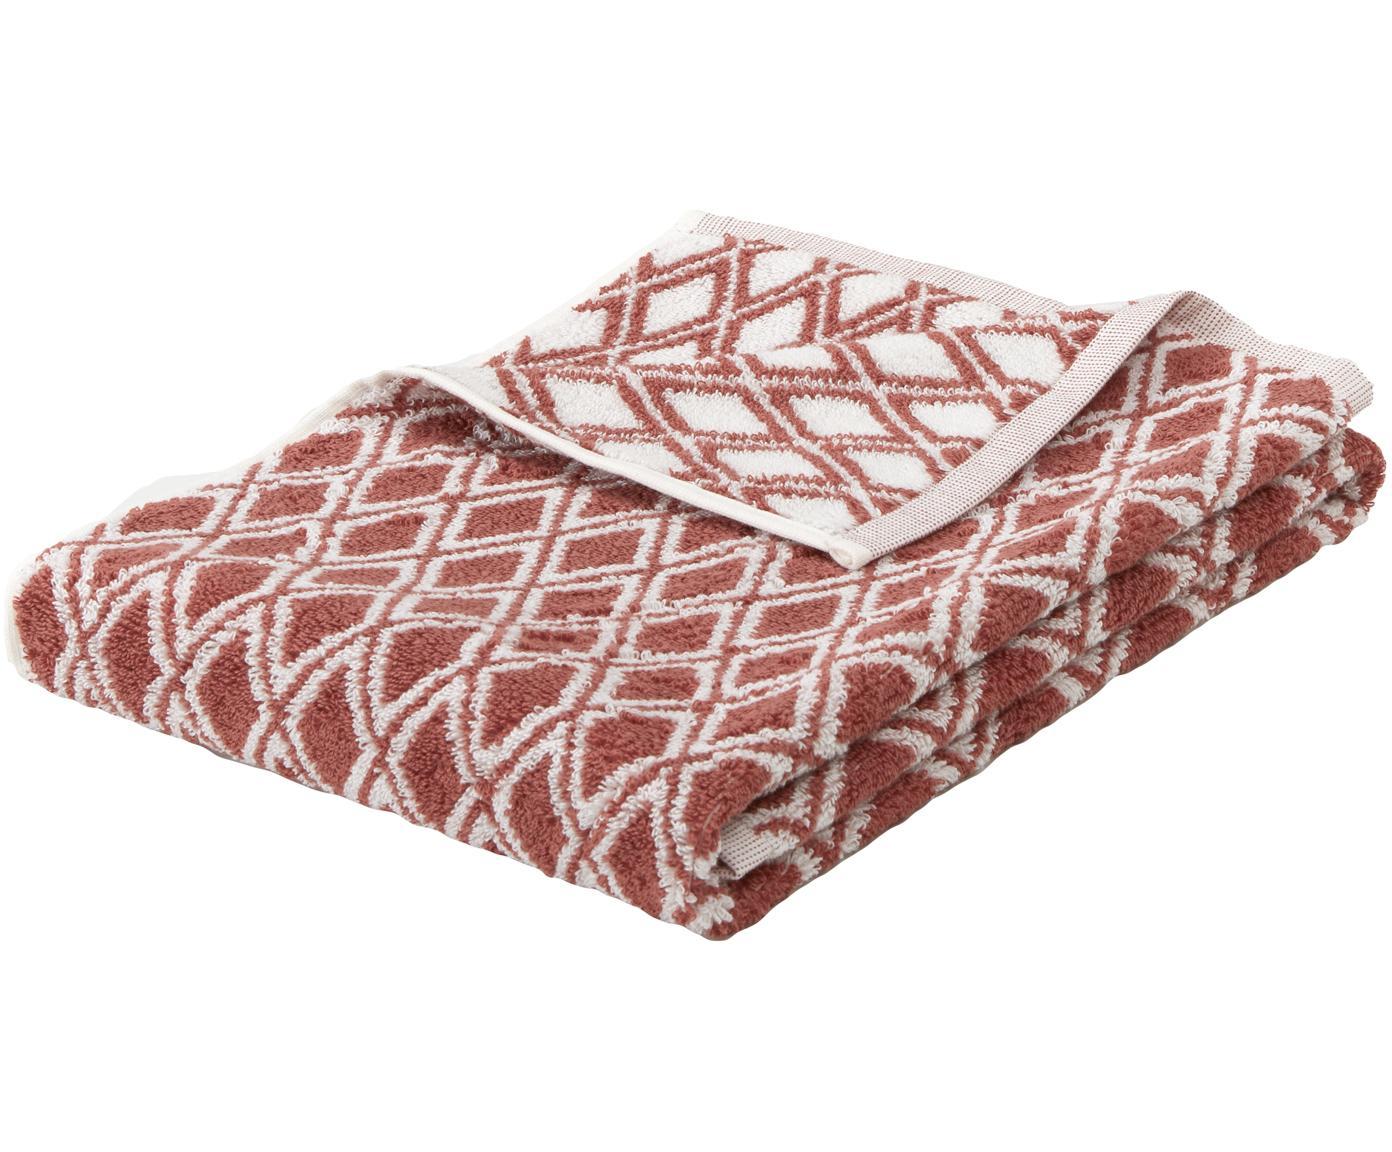 Wende-Handtuch Ava mit grafischem Muster, Terrakotta, Cremeweiß, Handtuch